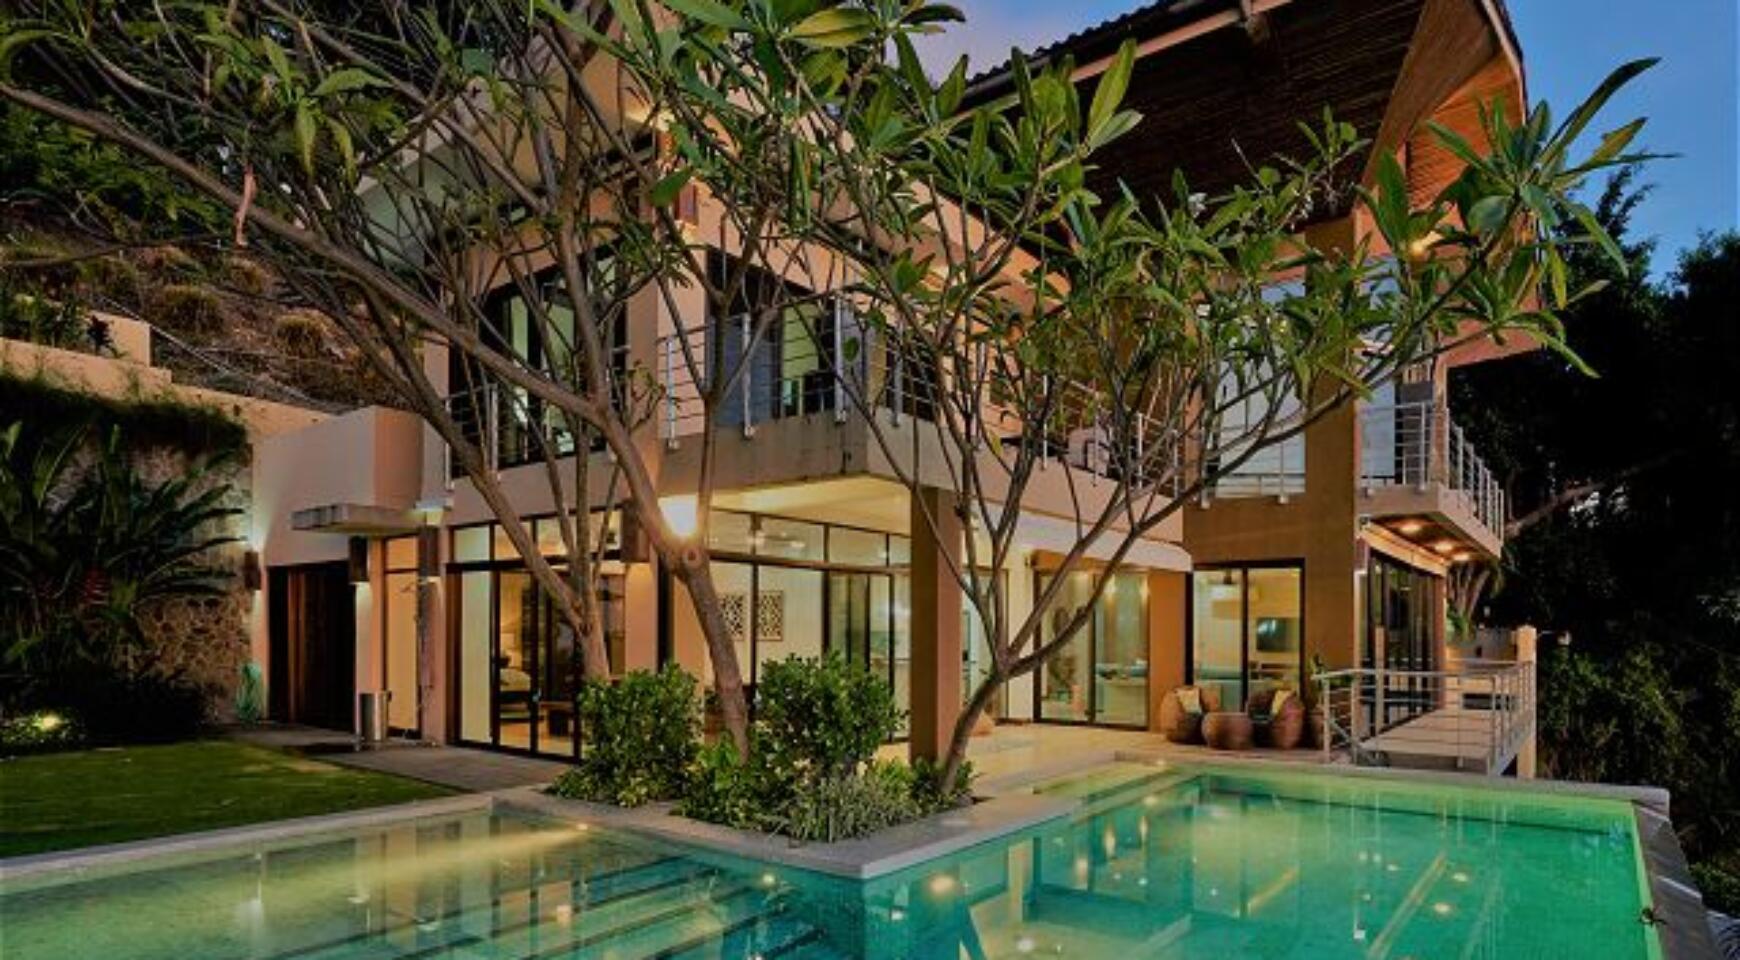 Spectacular 5 bedroom villa with ocean view in Tamarindo